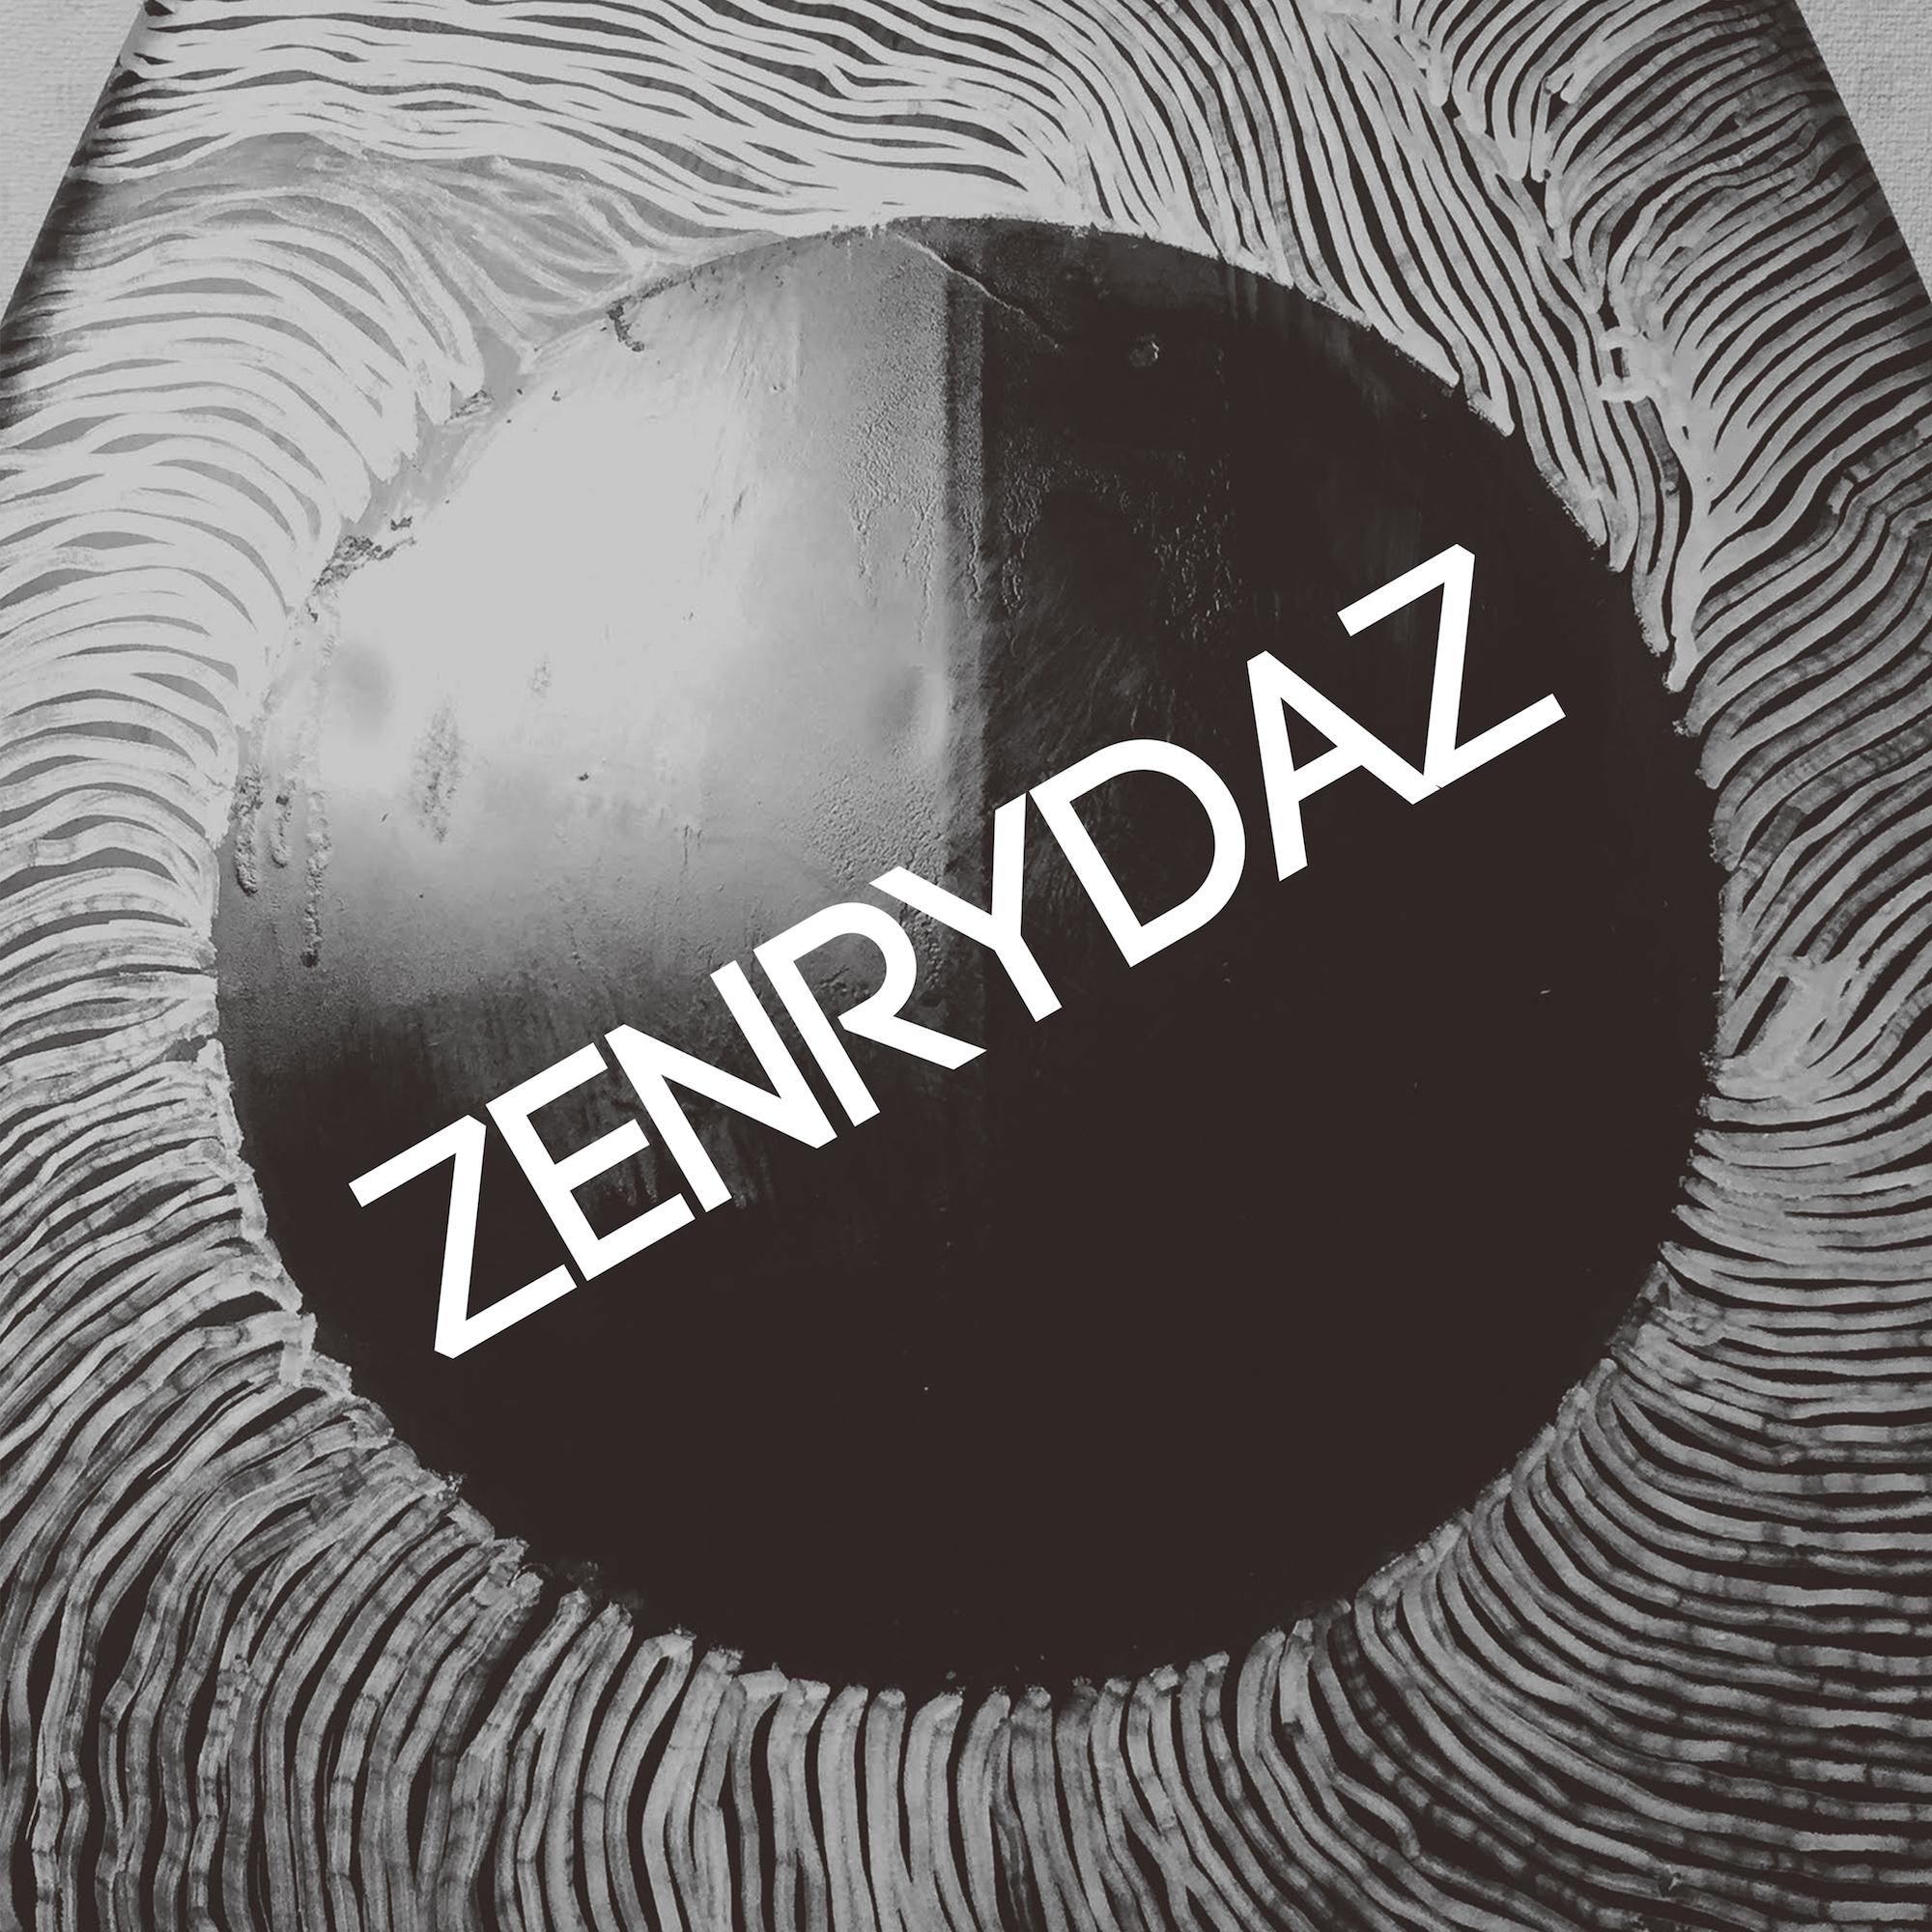 06-033 ZEN RYDAZ – ZEN TRAX [RE:MIXED & RE:MASTERED]